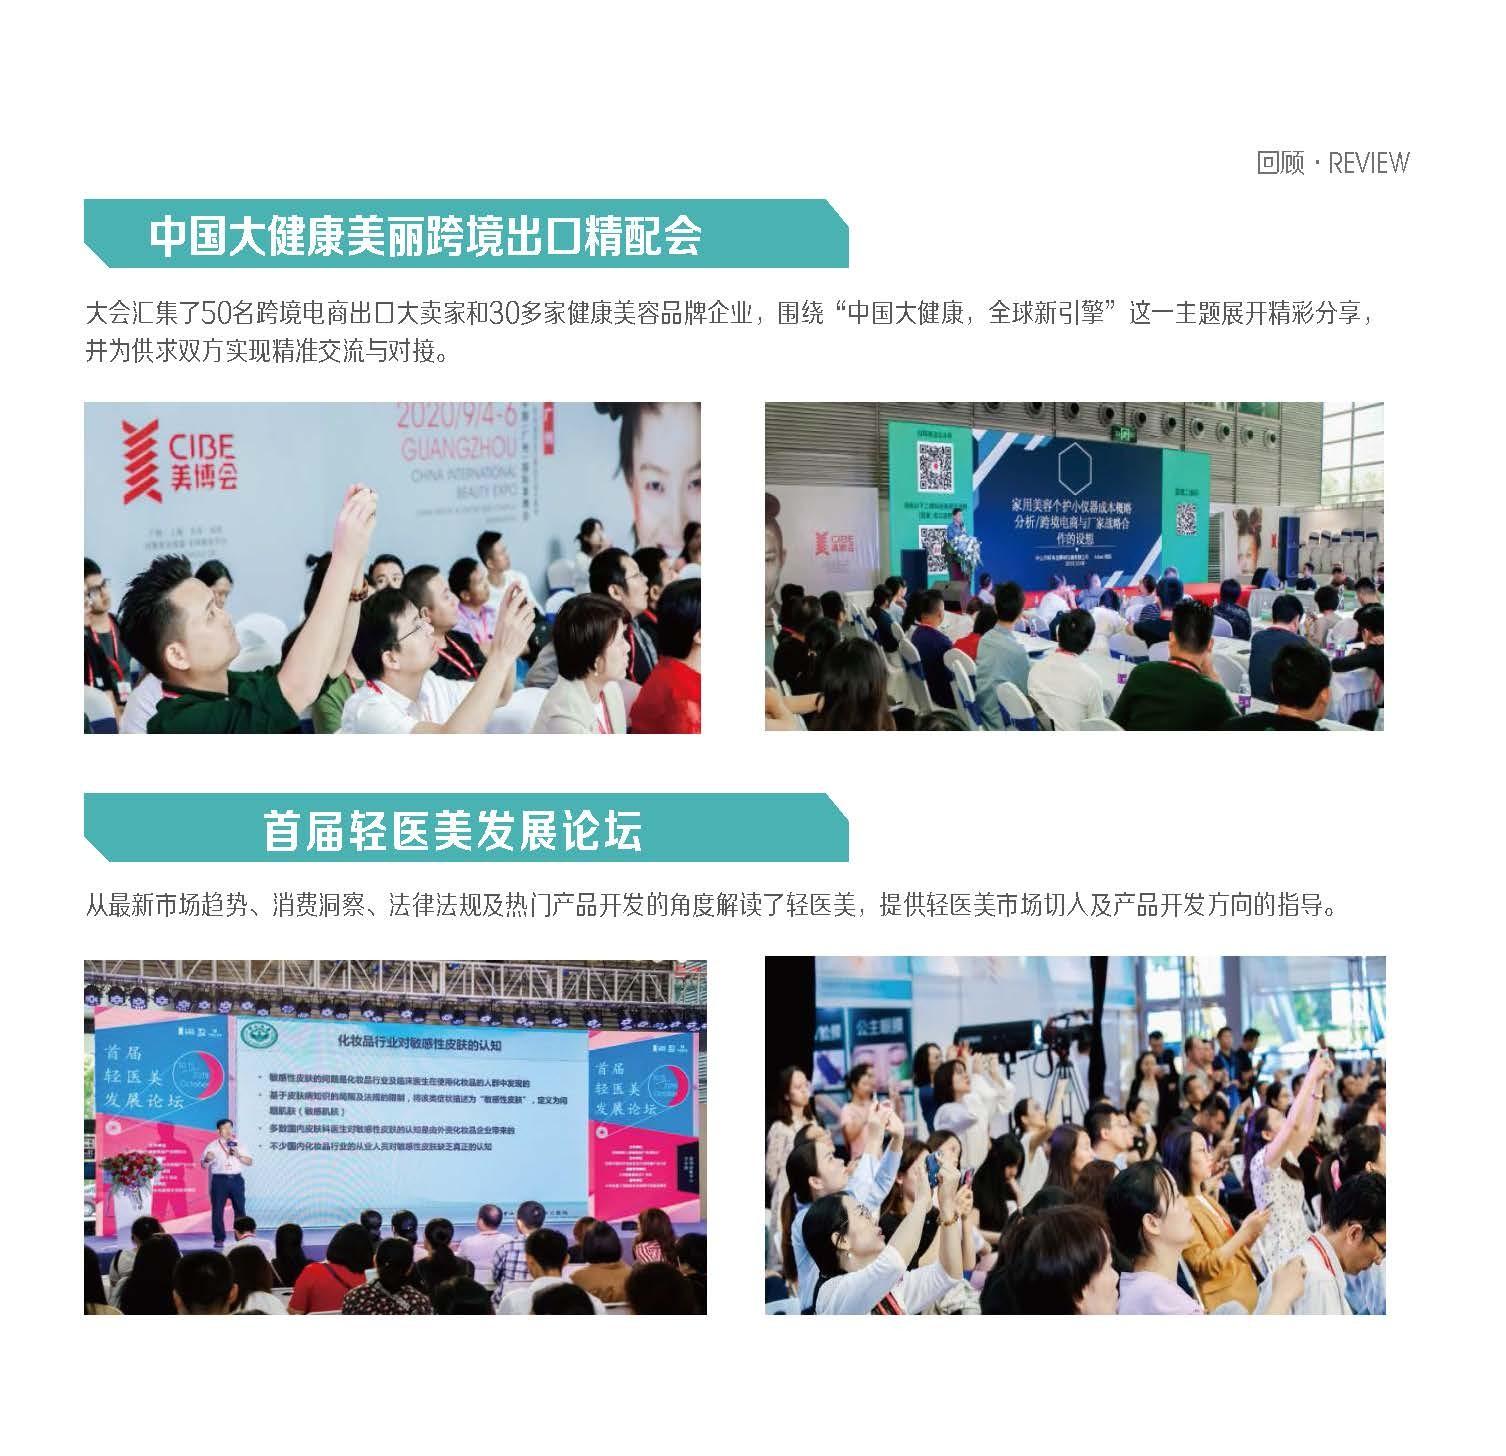 中國(深圳)美博會CIBE